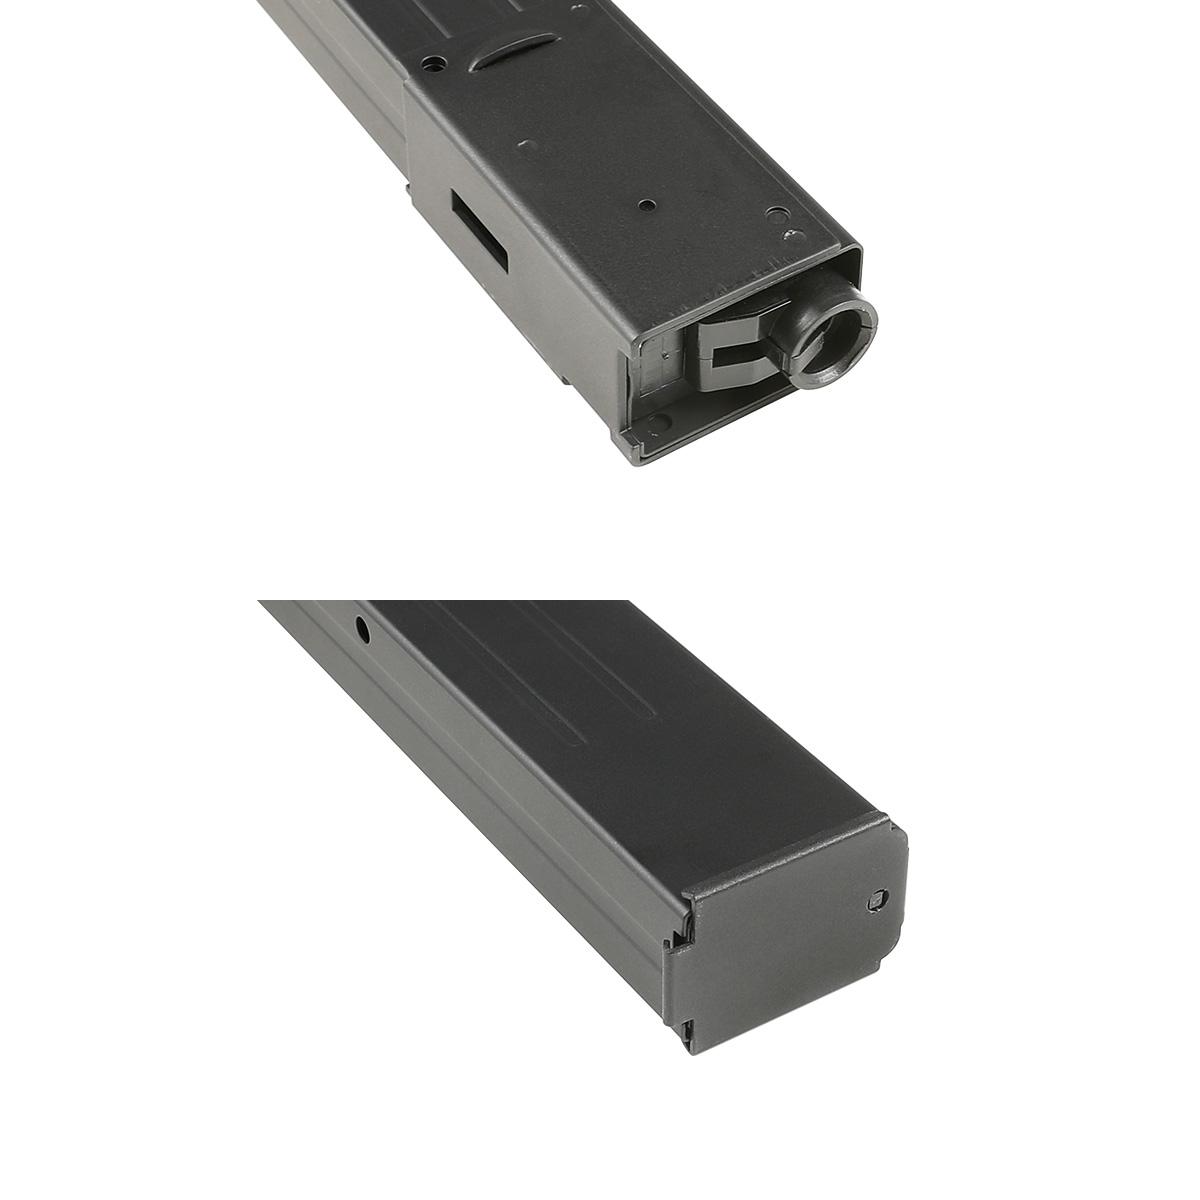 【同梱不可】 SRC MP41 フルメタル電動ガン DX Ver. (リアルウッド EBB JP Ver.) 【配送業者:佐川急便限定】